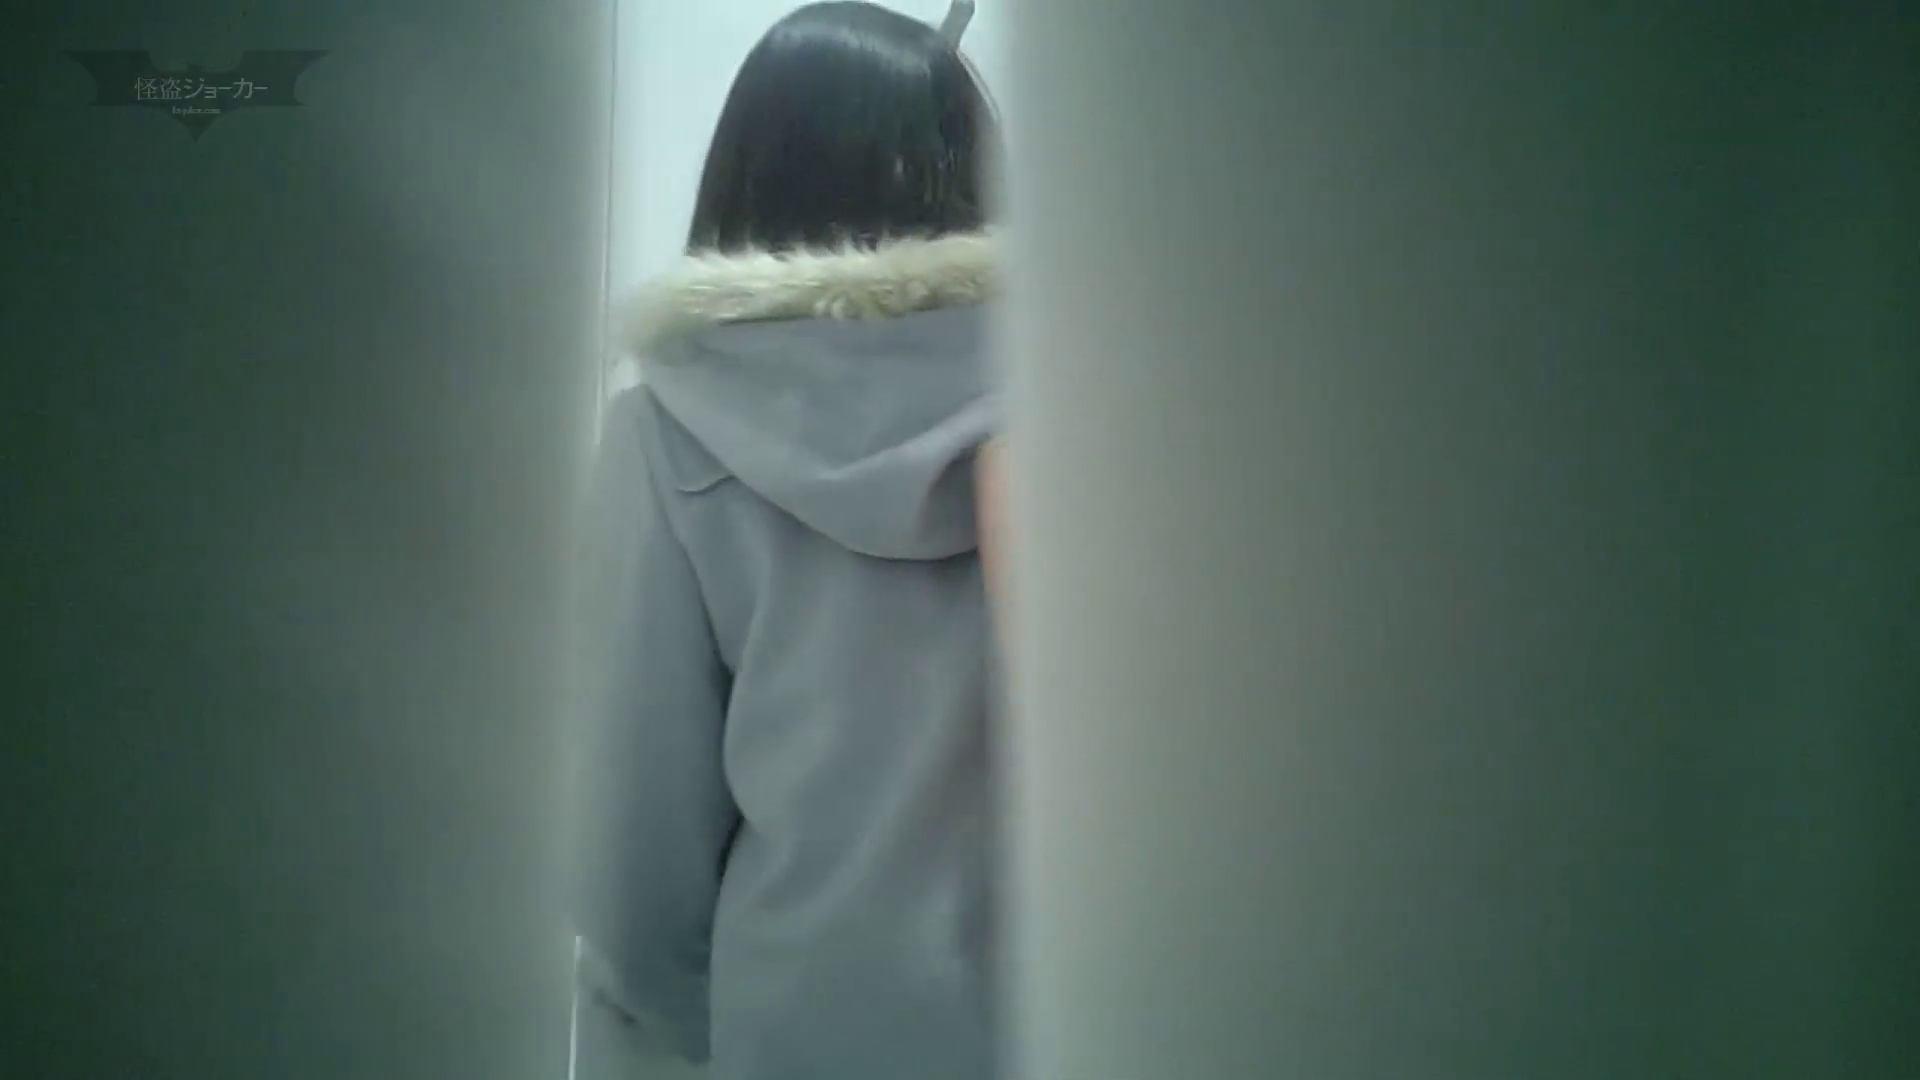 有名大学女性洗面所 vol.57 S級美女マルチアングル撮り!! 洗面所 隠し撮りAV無料 103pic 74